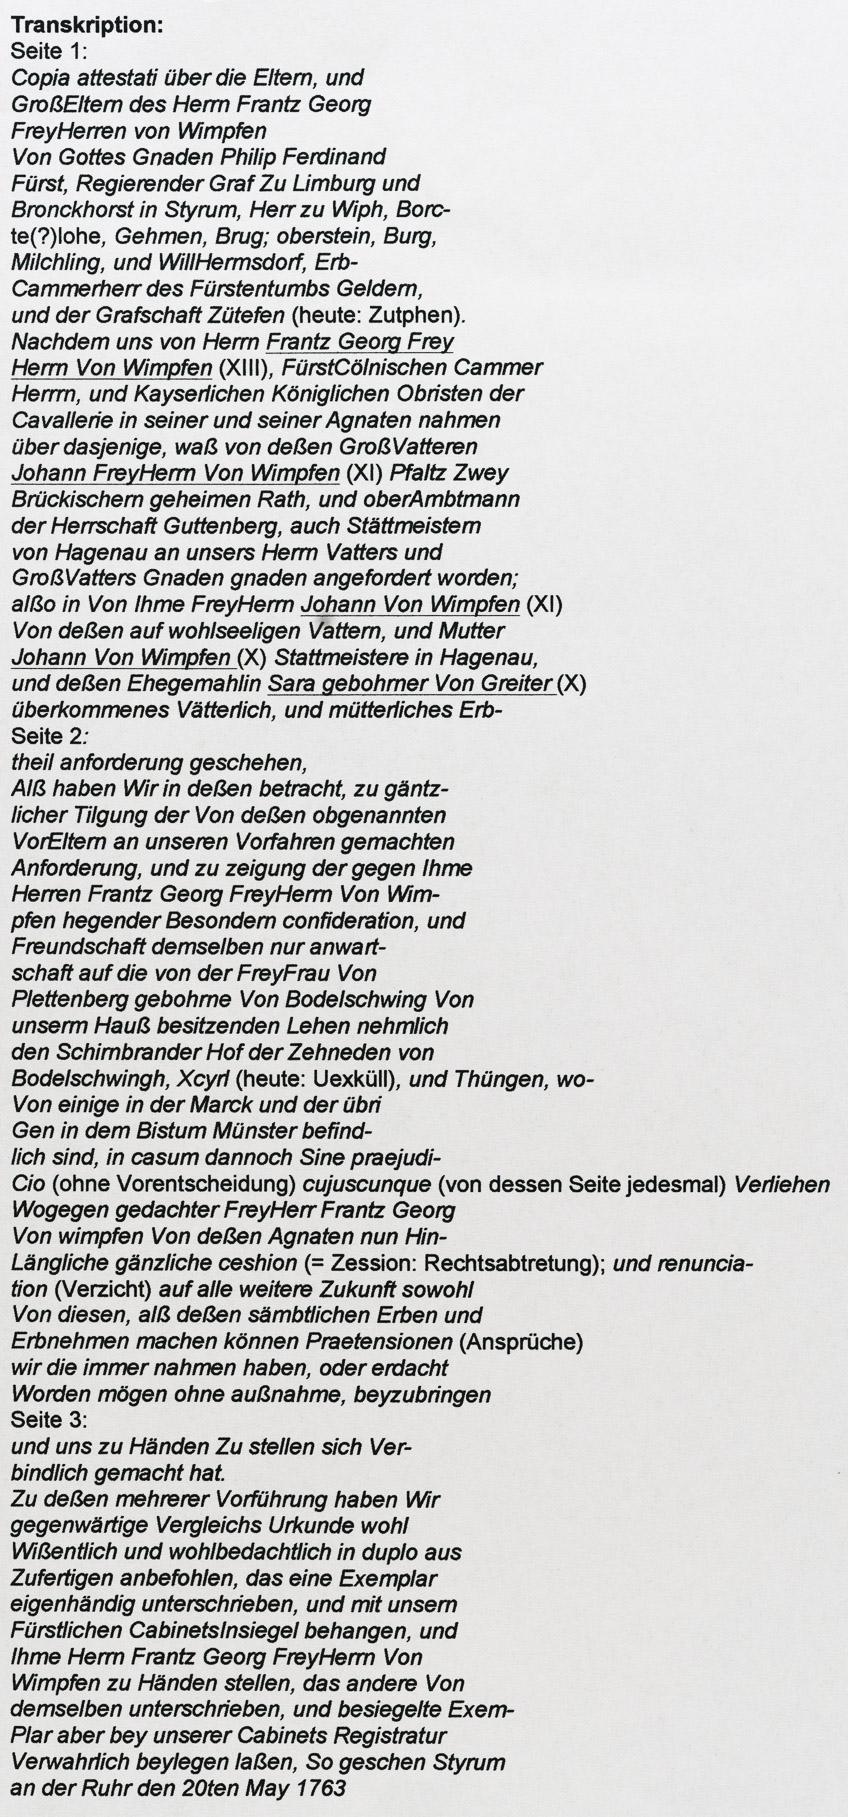 Transkription: Seite 1: Copia attestati über die Eltern, und GroßEltern des Herrn Frantz Georg FreyHerren von Wimpfen Von Gottes Gnaden Philip Ferdinand Fürst, Regierender Graf Zu Limburg und Bronckhorst in Styrum, Herr zu Wiph, Borc- te(?)lohe, Gehmen, Brug; oberstein, Burg, Milchling, und WillHermsdorf, Erb- Cammerherr des Fürstentumbs Geldern, und der Grafschaft Zütefen (heute: Zutphen). Nachdem uns von Herrn Frantz Georg Frey Herrn Von Wimpfen (XIII), FürstCölnischen Cammer Herrrn, und Kayserlichen Königlichen Obristen der Cavallerie in seiner und seiner Agnaten nahmen über dasjenige, waß von deßen GroßVatteren Johann FreyHerrn Von Wimpfen (XI) Pfaltz Zwey Brückischern geheimen Rath, und oberAmbtmann der Herrschaft Guttenberg, auch Stättmeistern von Hagenau an unsers Herrn Vatters und GroßVatters Gnaden gnaden angefordert worden; alßo in Von Ihme FreyHerrn Johann Von Wimpfen (XI) Von deßen auf wohlseeligen Vattern, und Mutter Johann Von Wimpfen (X) Stattmeistere in Hagenau, und deßen Ehegemahlin Sara gebohrner Von Greiter (X) überkommenes Vätterlich, und mütterliches Erb- Seite 2: theil anforderung geschehen, Alß haben Wir in deßen betracht, zu gäntz- licher Tilgung der Von deßen obgenannten VorEltern an unseren Vorfahren gemachten Anforderung, und zu zeigung der gegen Ihme Herren Frantz Georg FreyHerrn Von Wim- pfen hegender Besondern confideration, und Freundschaft demselben nur anwart- schaft auf die von der FreyFrau Von Plettenberg gebohrne Von Bodelschwing Von unserm Hauß besitzenden Lehen nehmlich den Schirnbrander Hof der Zehneden von Bodelschwingh, Xcyrl (heute: Uexküll), und Thüngen, wo- Von einige in der Marck und der übri Gen in dem Bistum Münster befind- lich sind, in casum dannoch Sine praejudi- Cio (ohne Vorentscheidung) cujuscunque (von dessen Seite jedesmal) Verliehen Wogegen gedachter FreyHerr Frantz Georg Von wimpfen Von deßen Agnaten nun Hin- Längliche gänzliche ceshion (= Zession: Rechtsabtretung); und renuncia- tion (Verzicht) auf alle weite